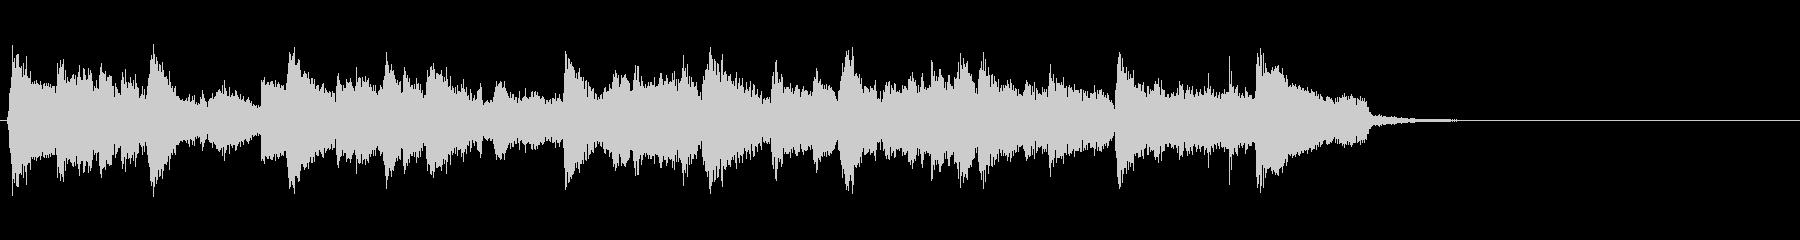 ジャズ風の優雅なBGM(イントロ)の未再生の波形